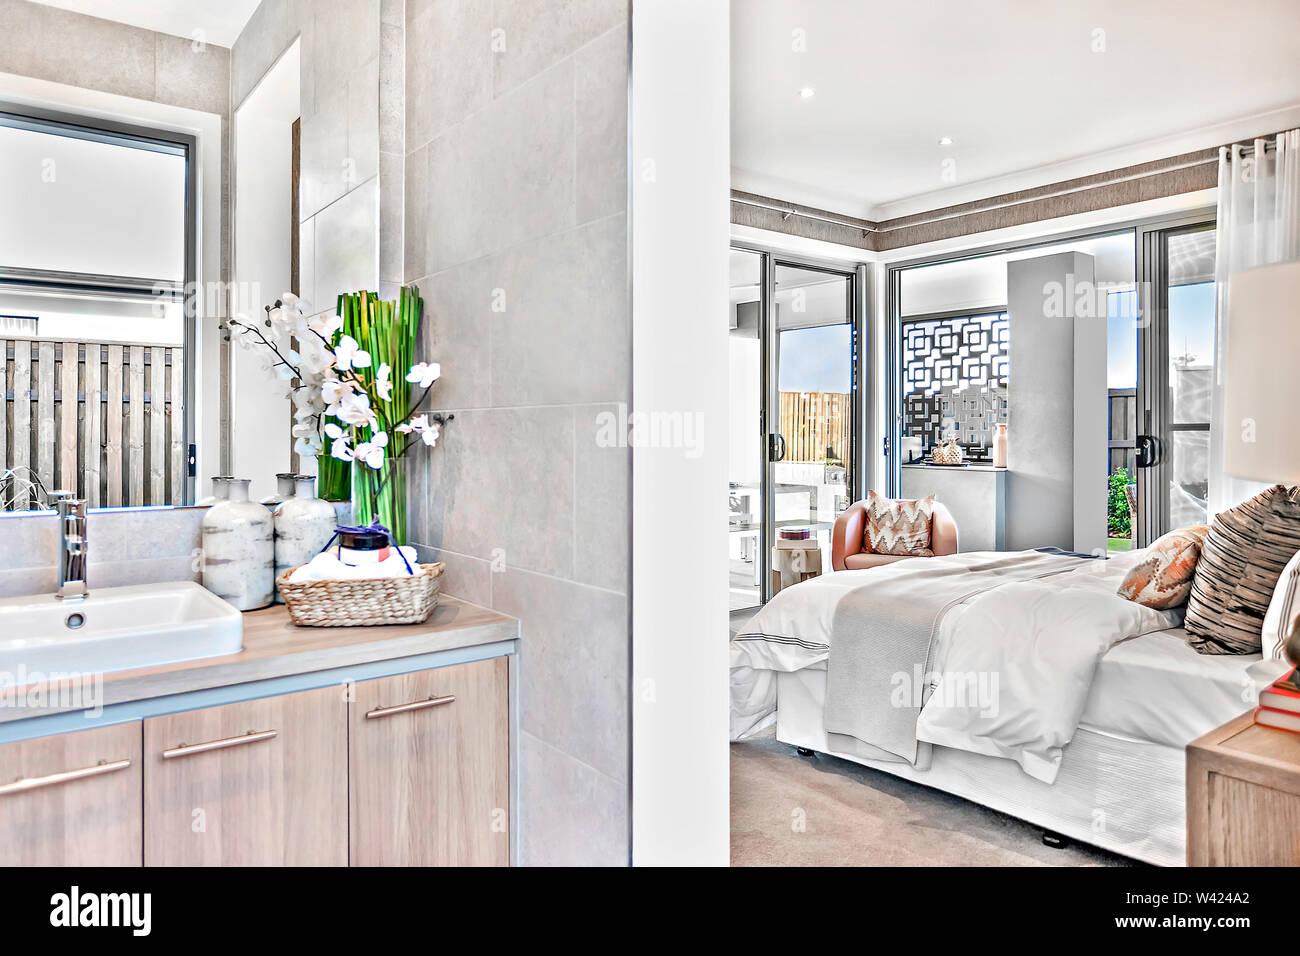 Bagno moderno attaccata alla camera da letto di lusso in una casa con un letto matrimoniale e di fogli accanto a porta aperta e windows all'esterno. Immagini Stock